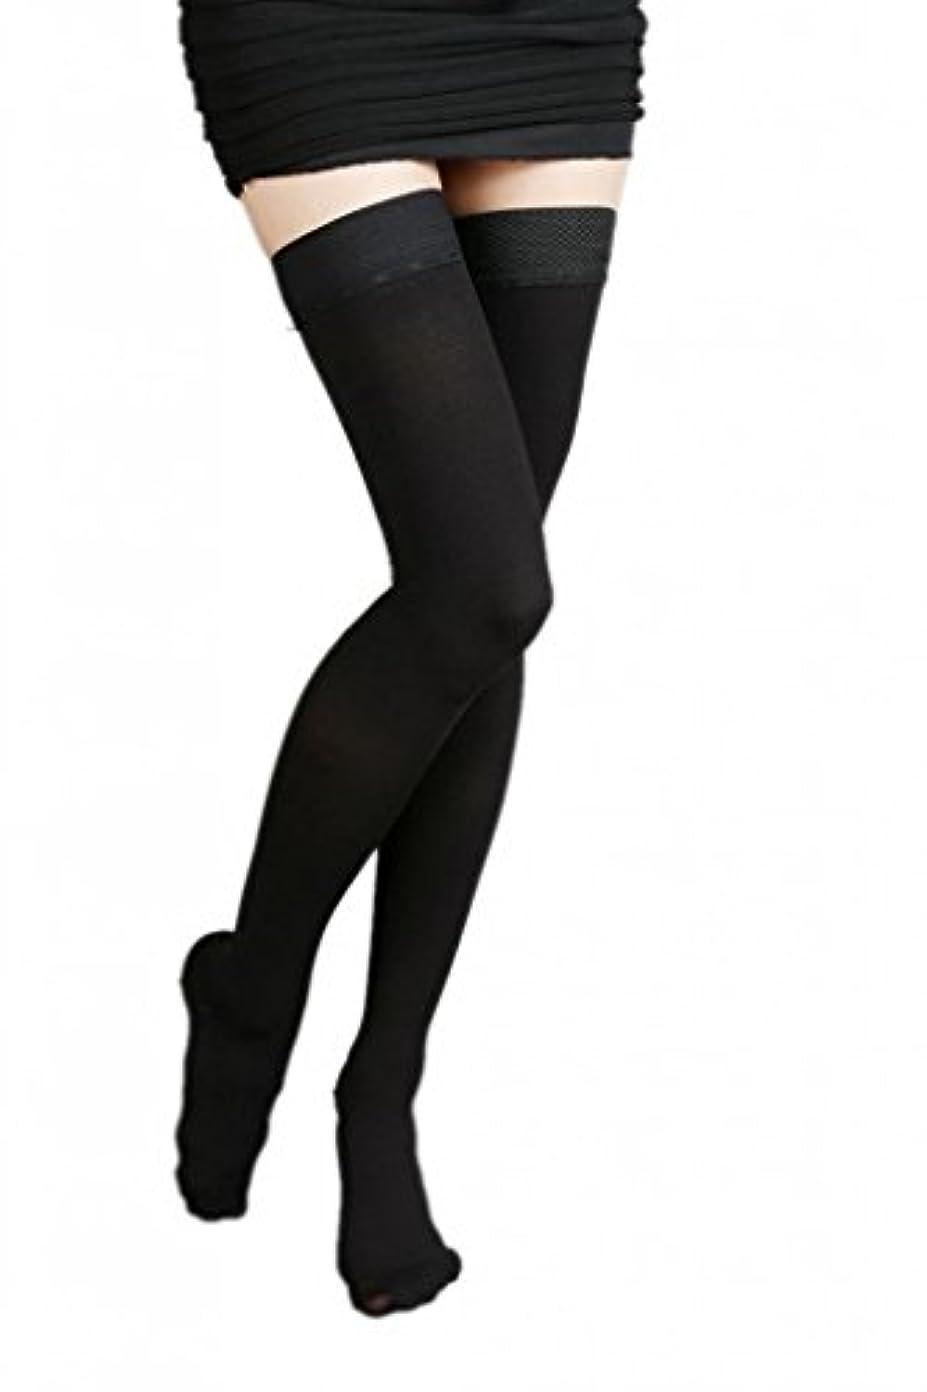 ショッピングセンターカジュアルで出来ている(ラボーグ)La Vogue 美脚 着圧オーバーニーソックス ハイソックス 靴下 弾性ストッキング つま先あり着圧ソックス S 1級低圧 黒色